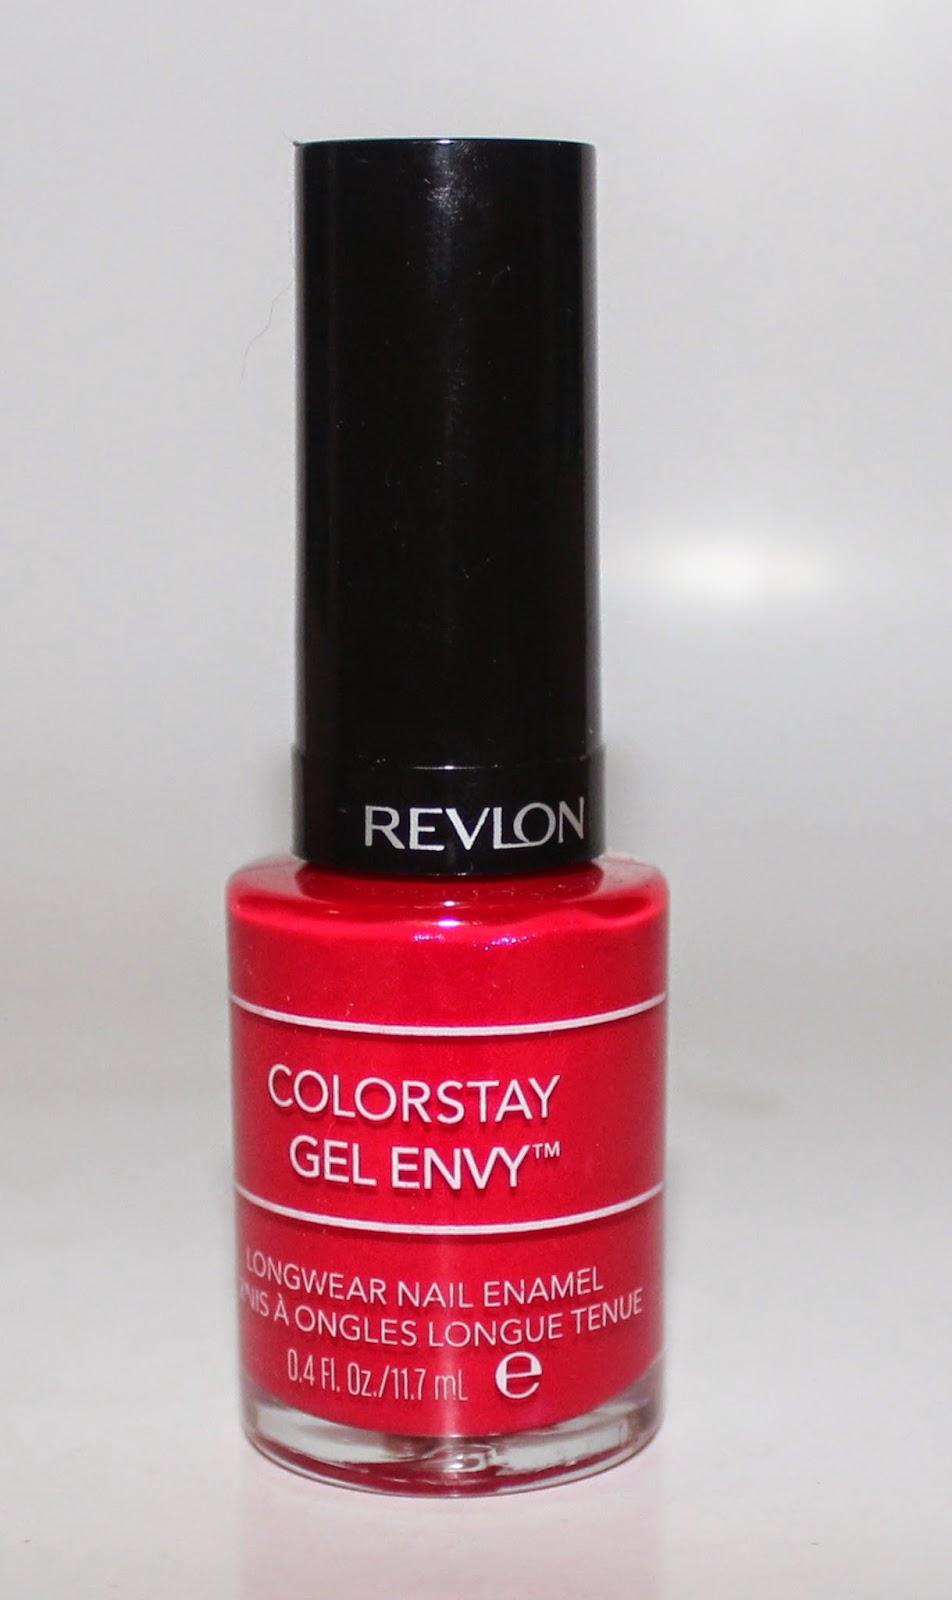 Revlon ColorStay Gel Envy Longwear Nail Enamel in Roulette Rush